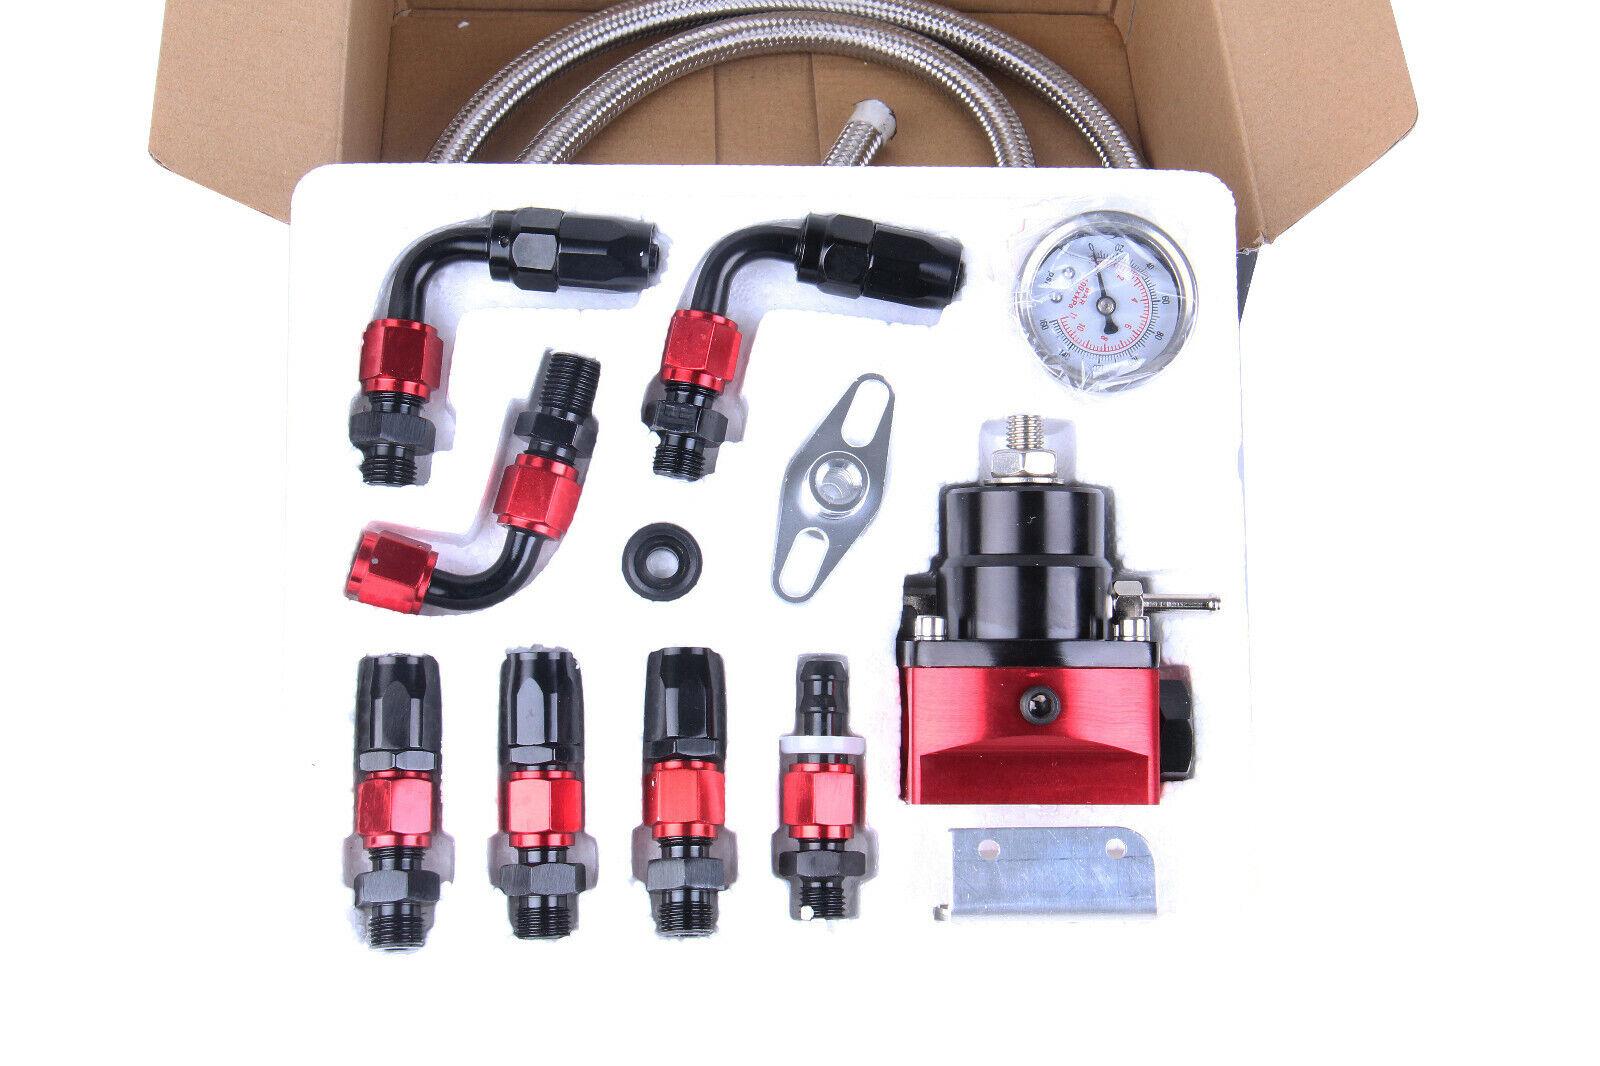 Owner Black-Red Adjustable Fuel Pressure Regulator Kit Oil 0-100psi Gauge -6AN